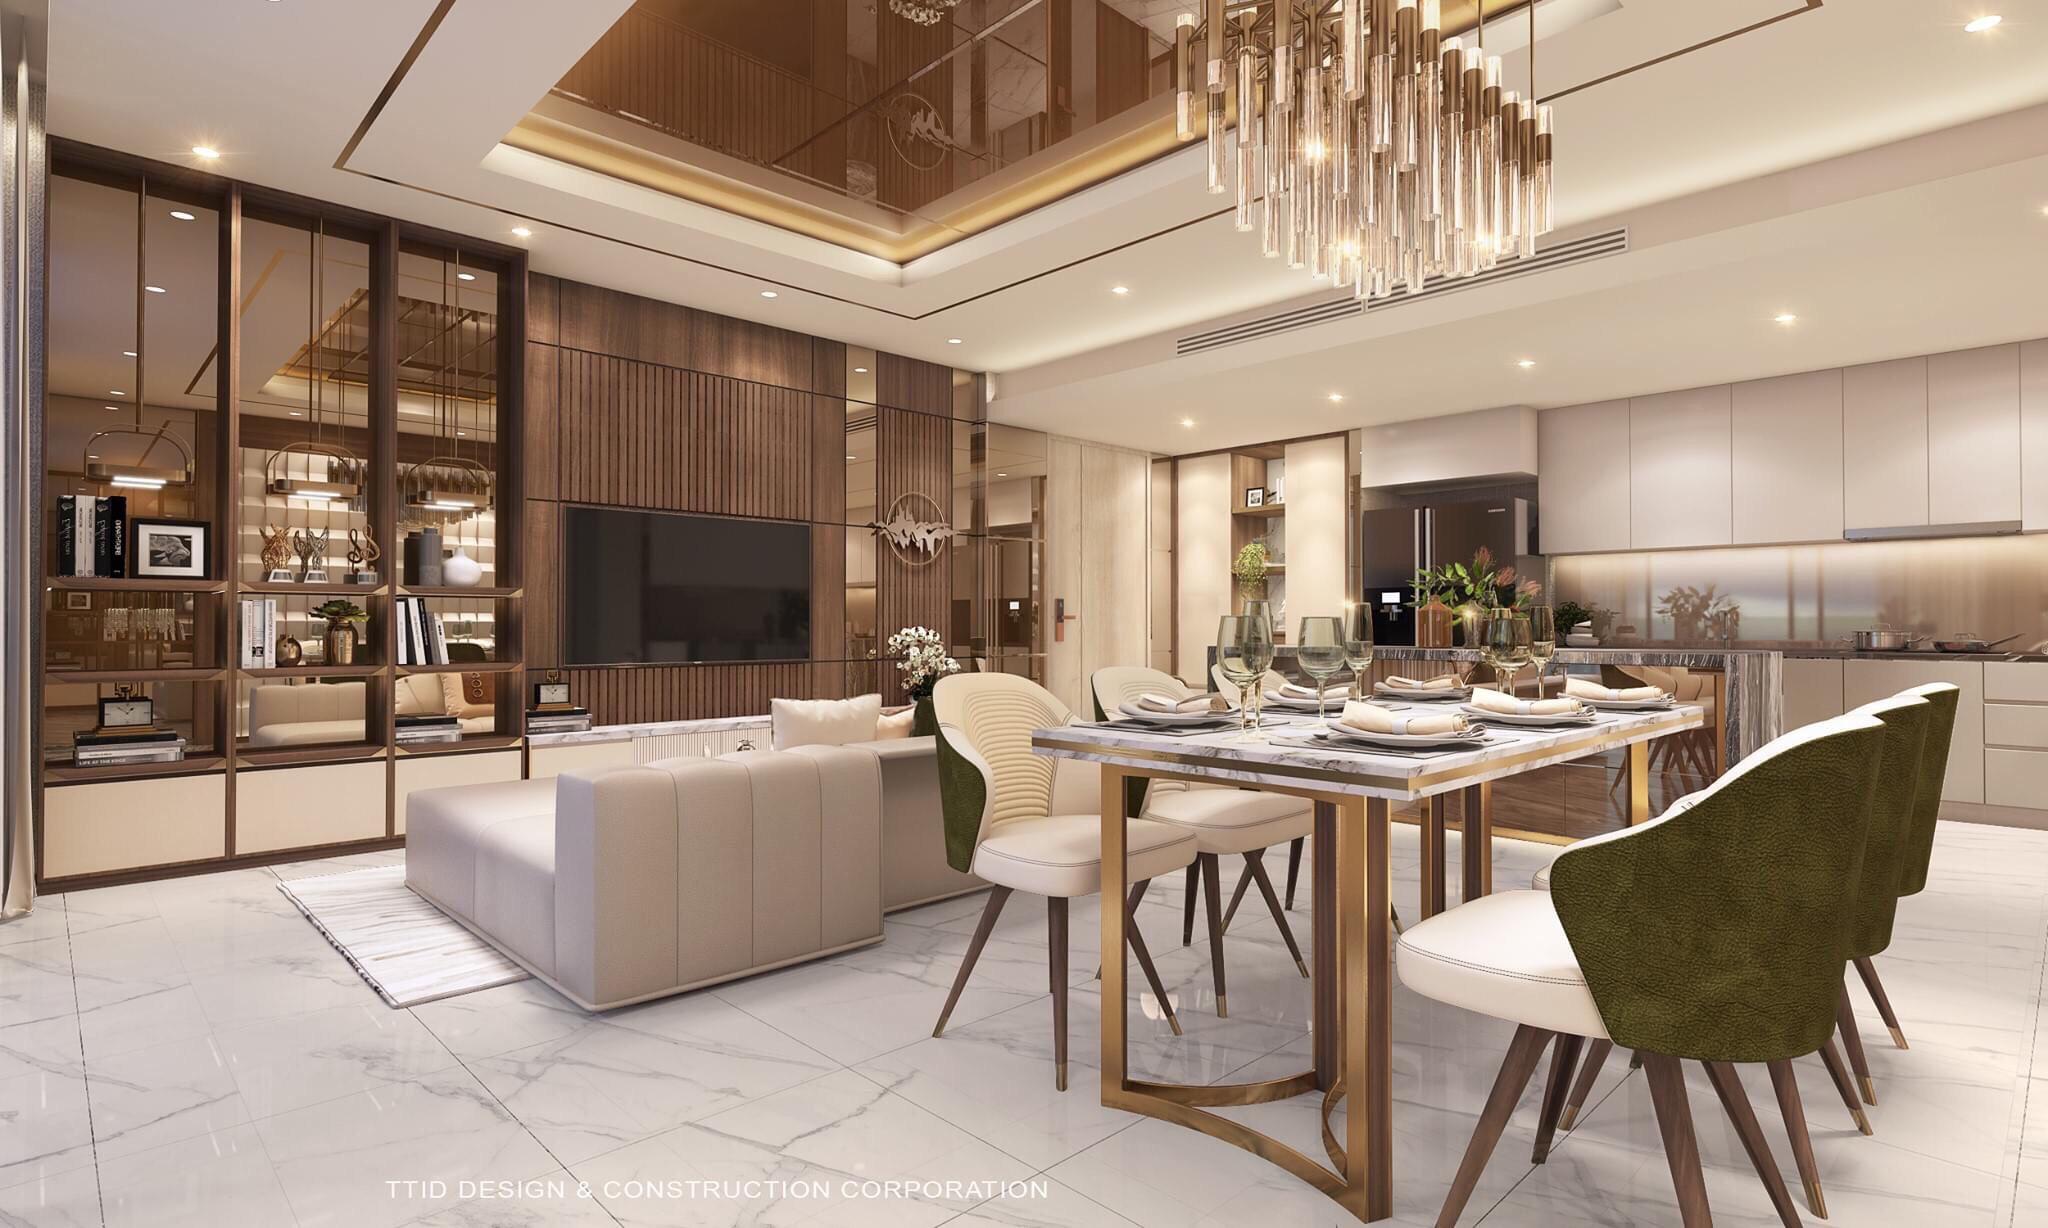 Nhà mẫu dự án căn hộ chung cư Thảo Điền Green Quận 2